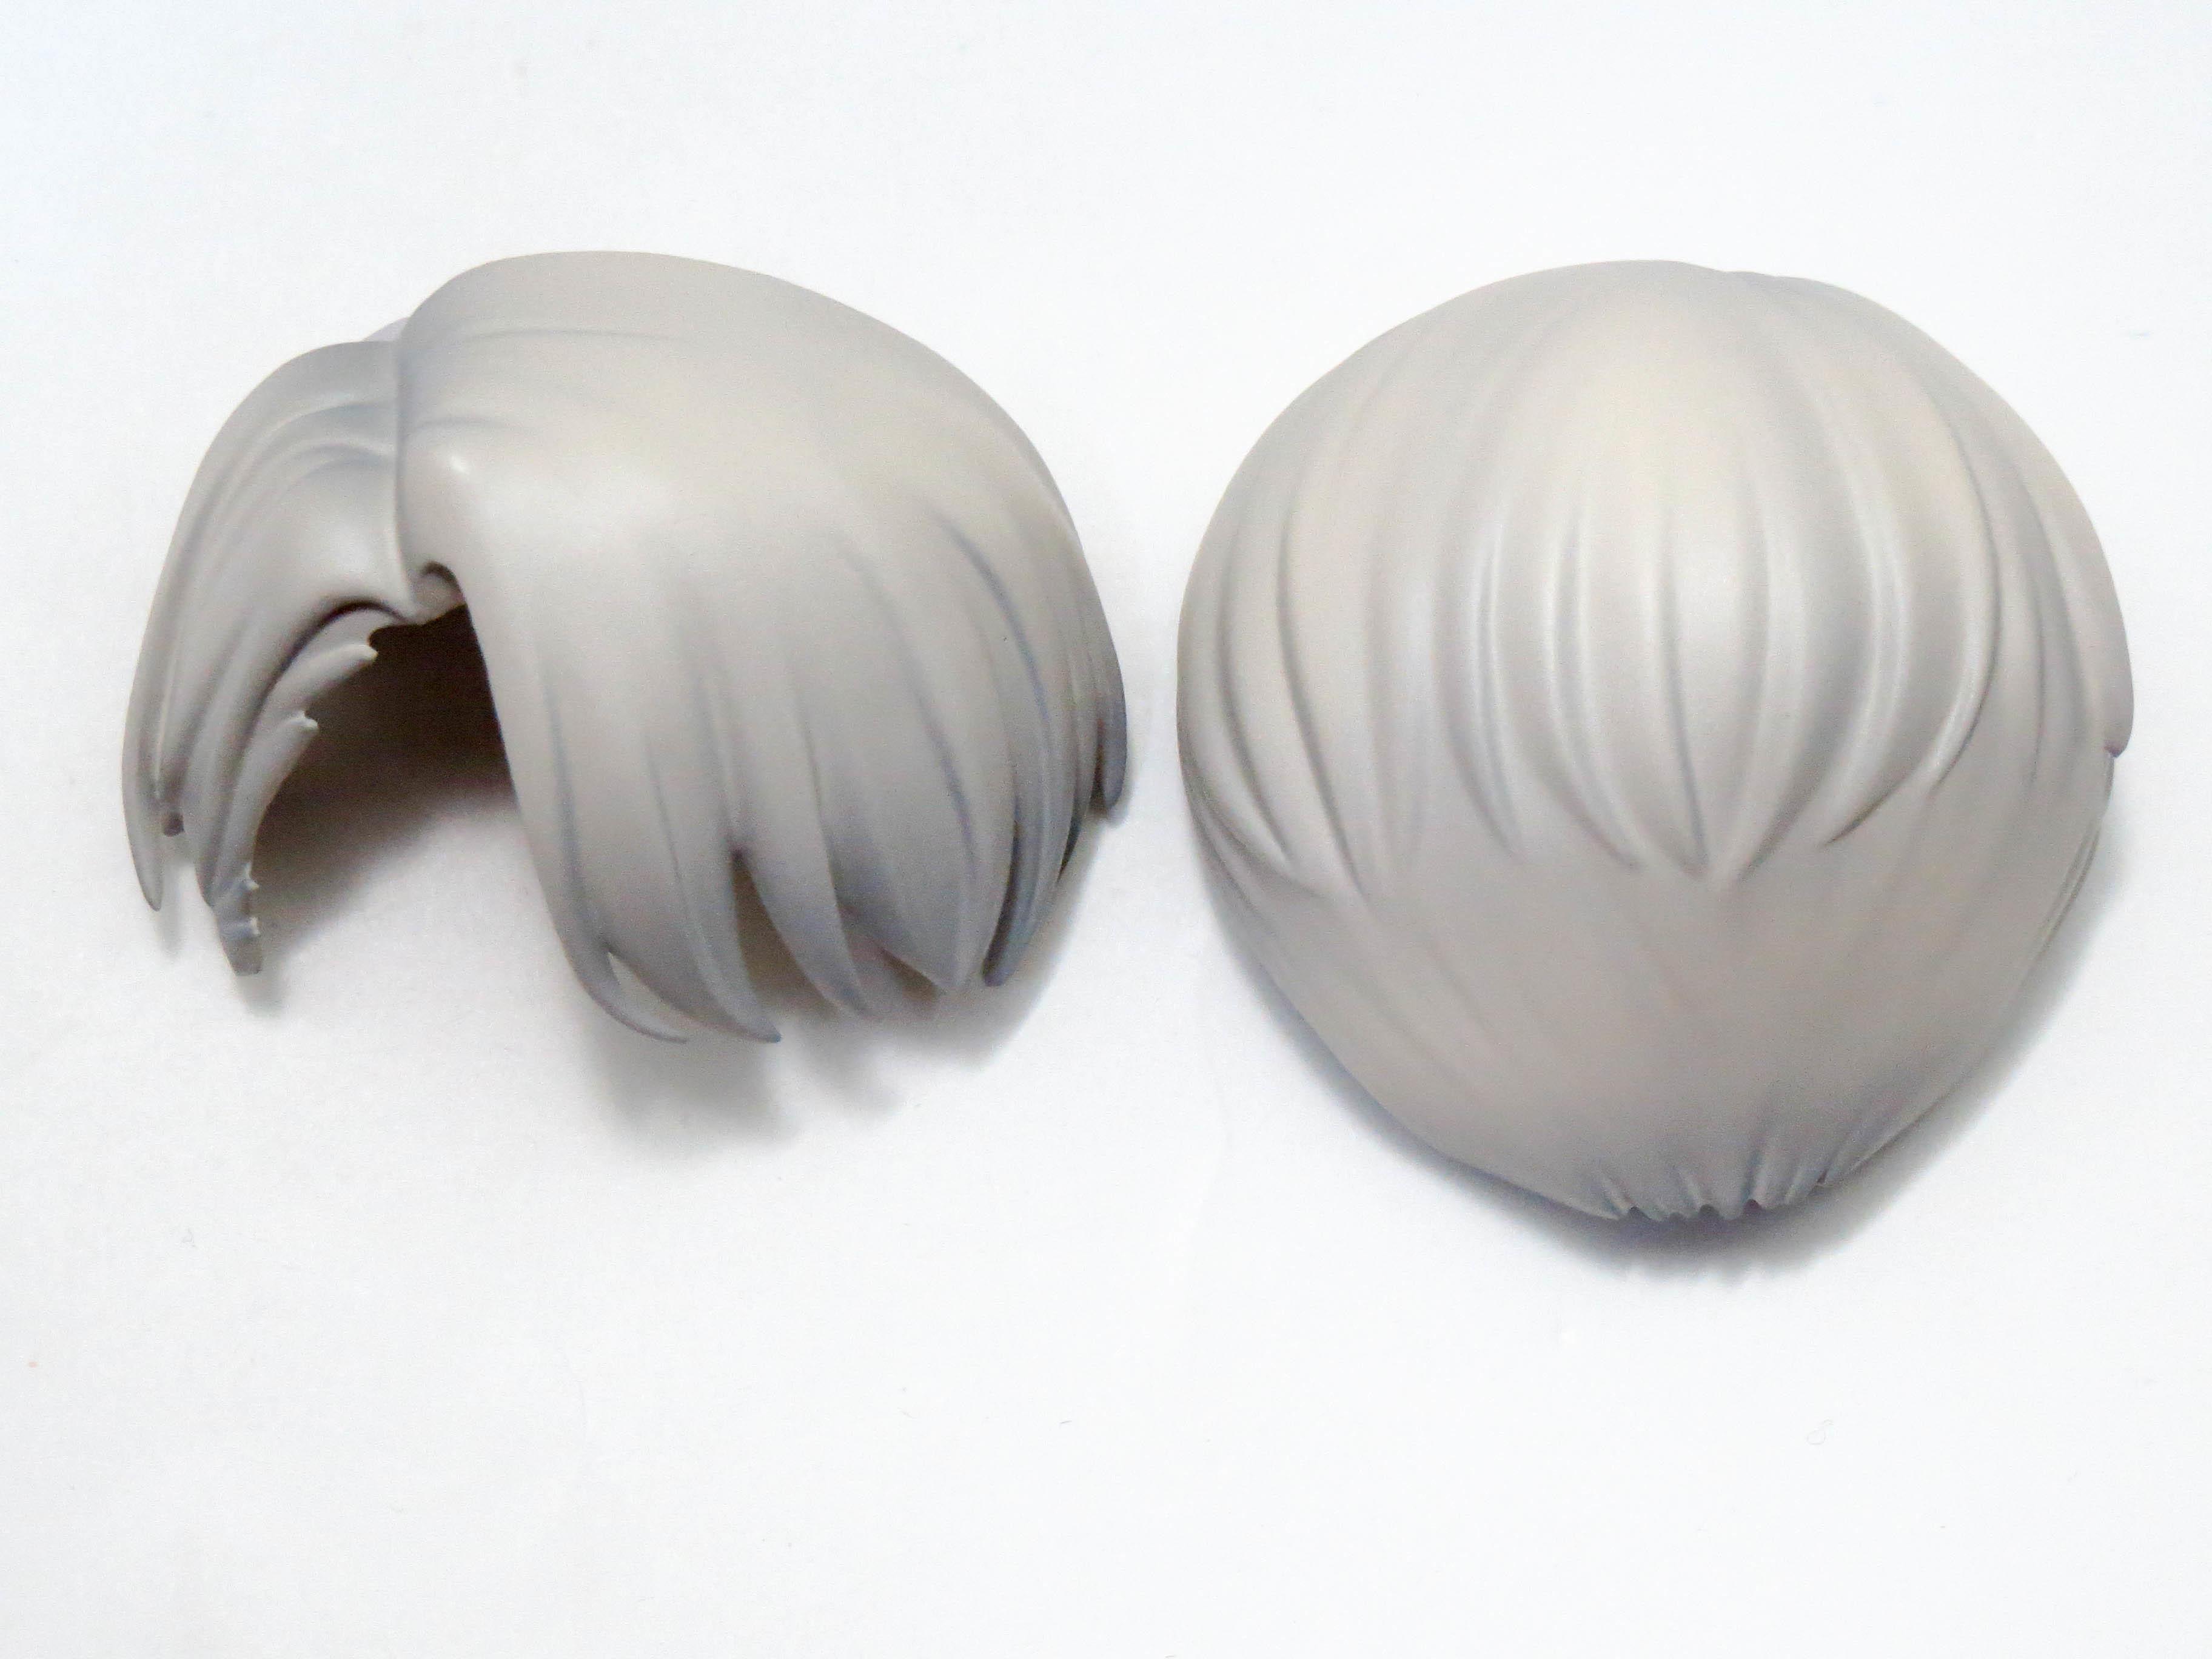 再入荷【865】 ヴィクトル・ニキフォロフ コーチVer. 髪パーツ ショート ねんどろいど